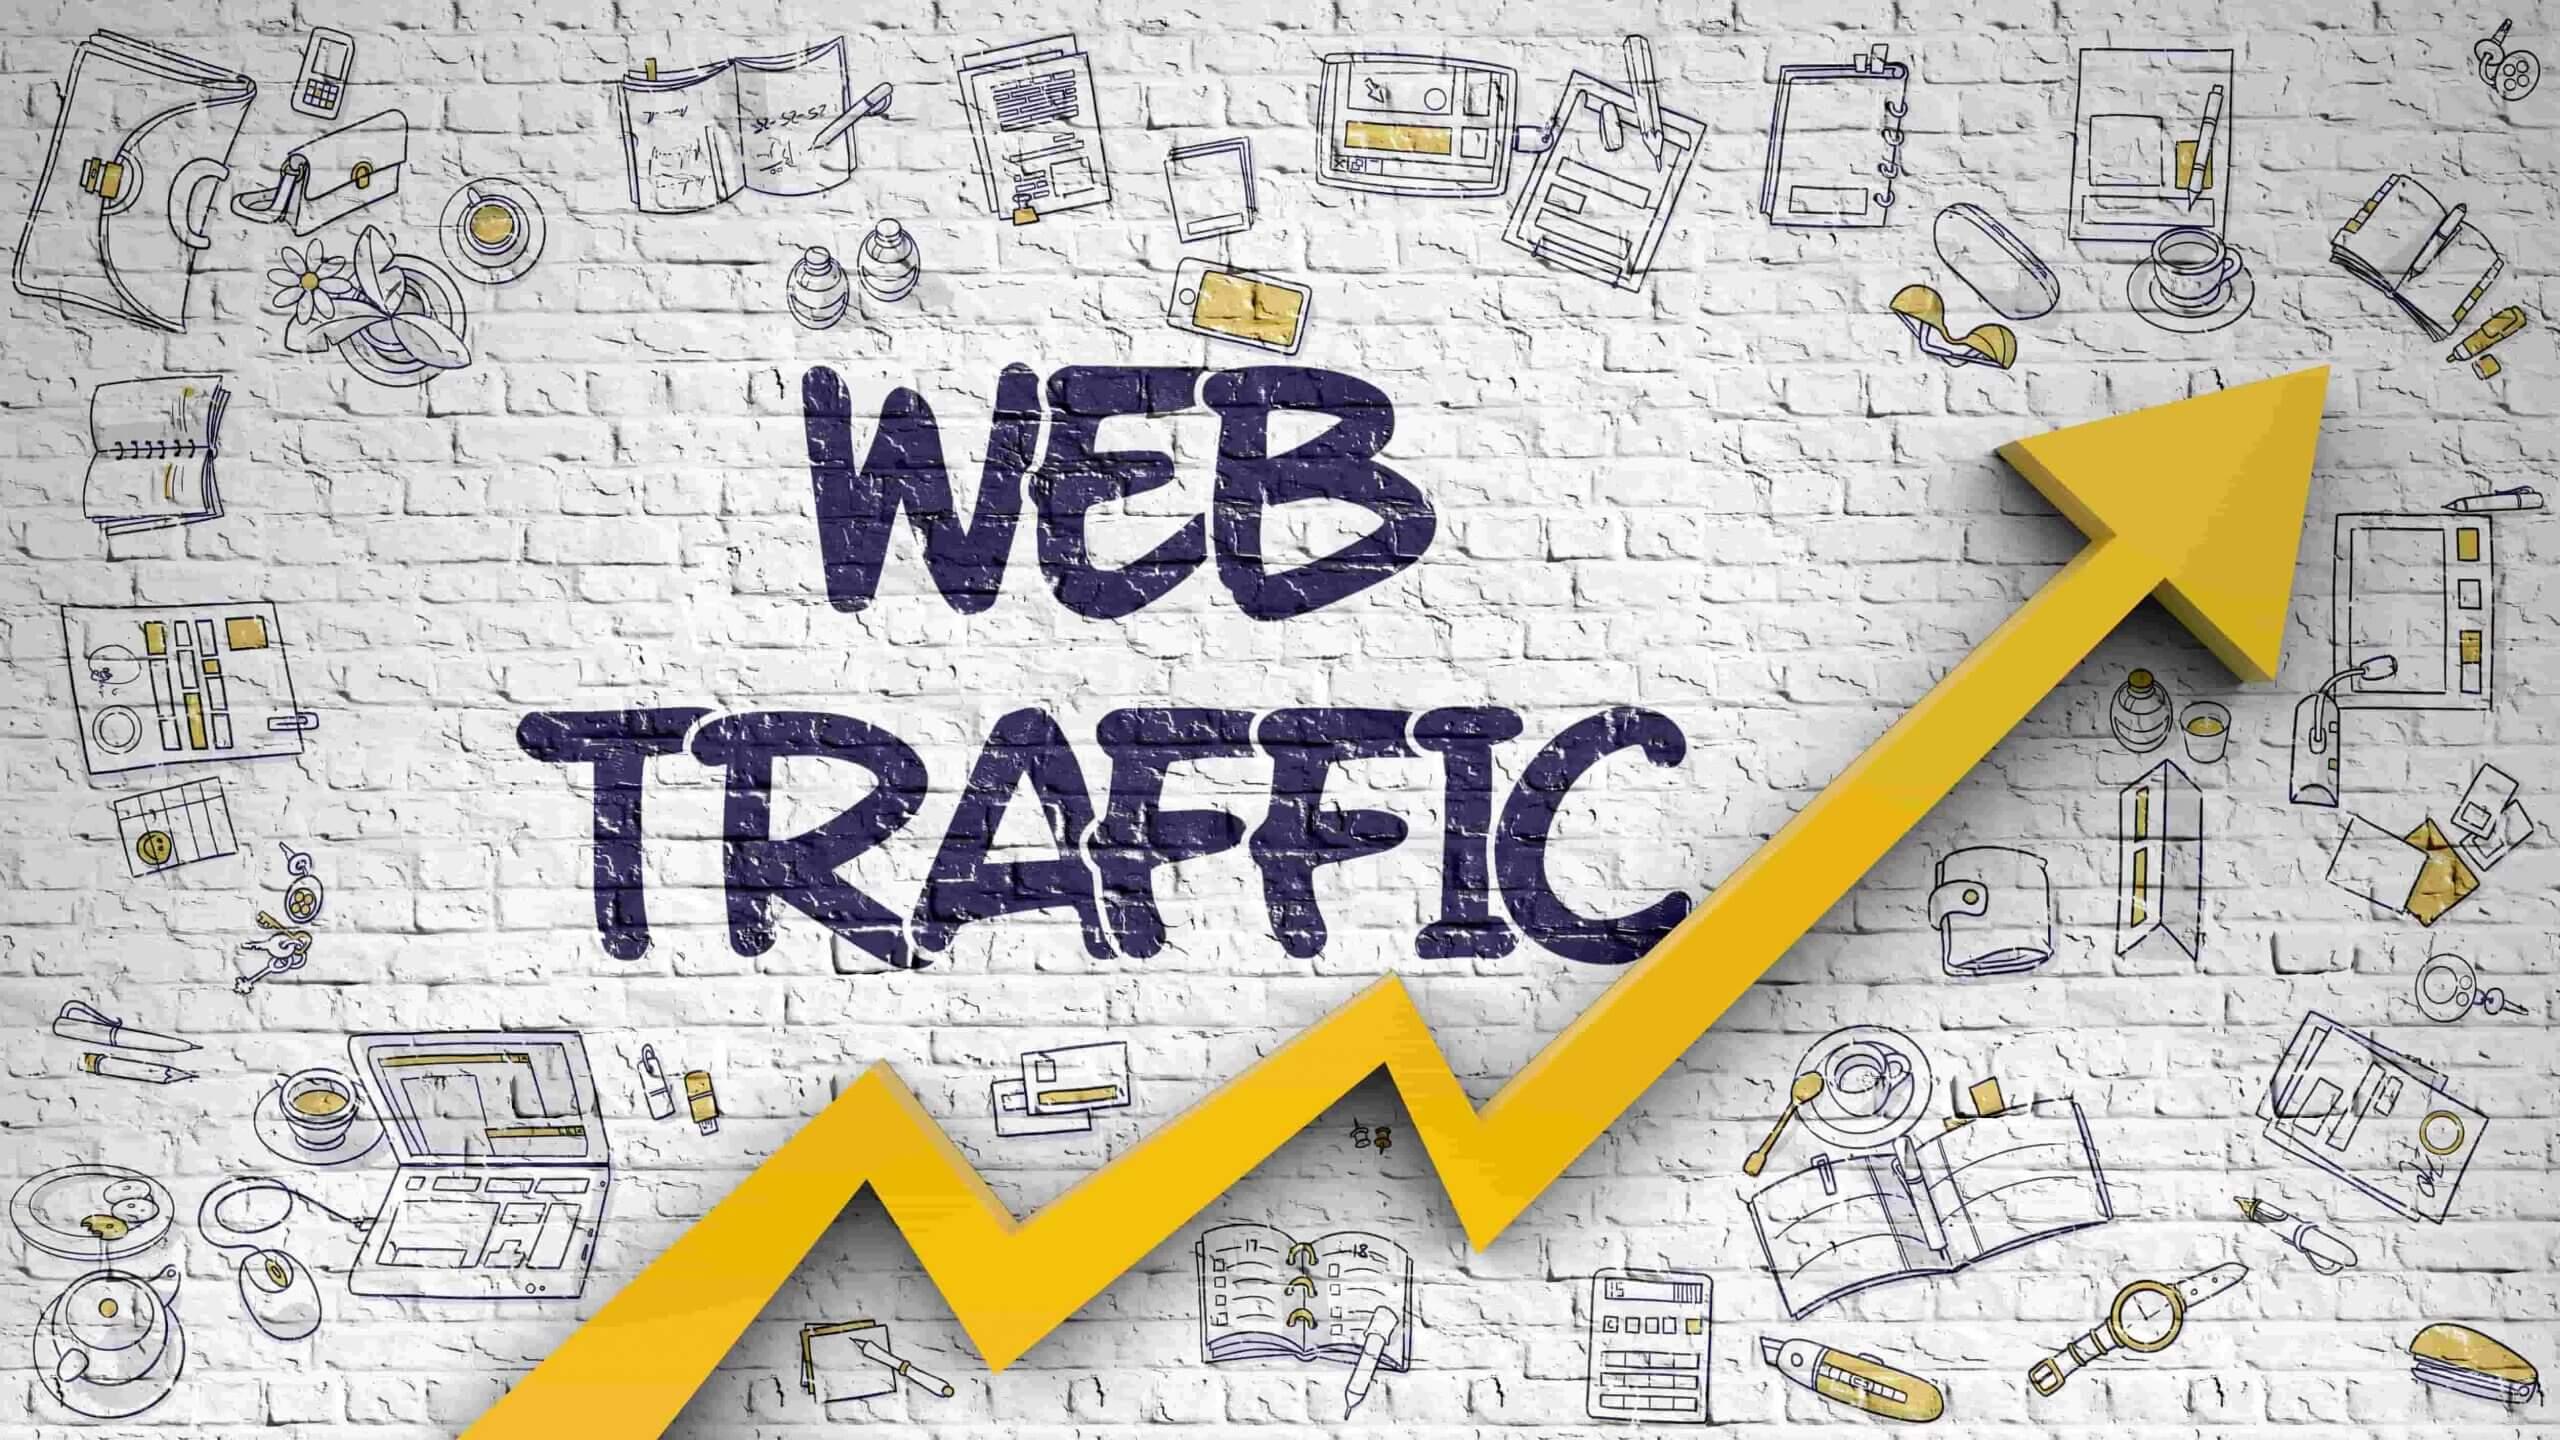 Liệu trong một năm, tổng traffic hàng tháng sẽ lên tối đa bao nhiêu?